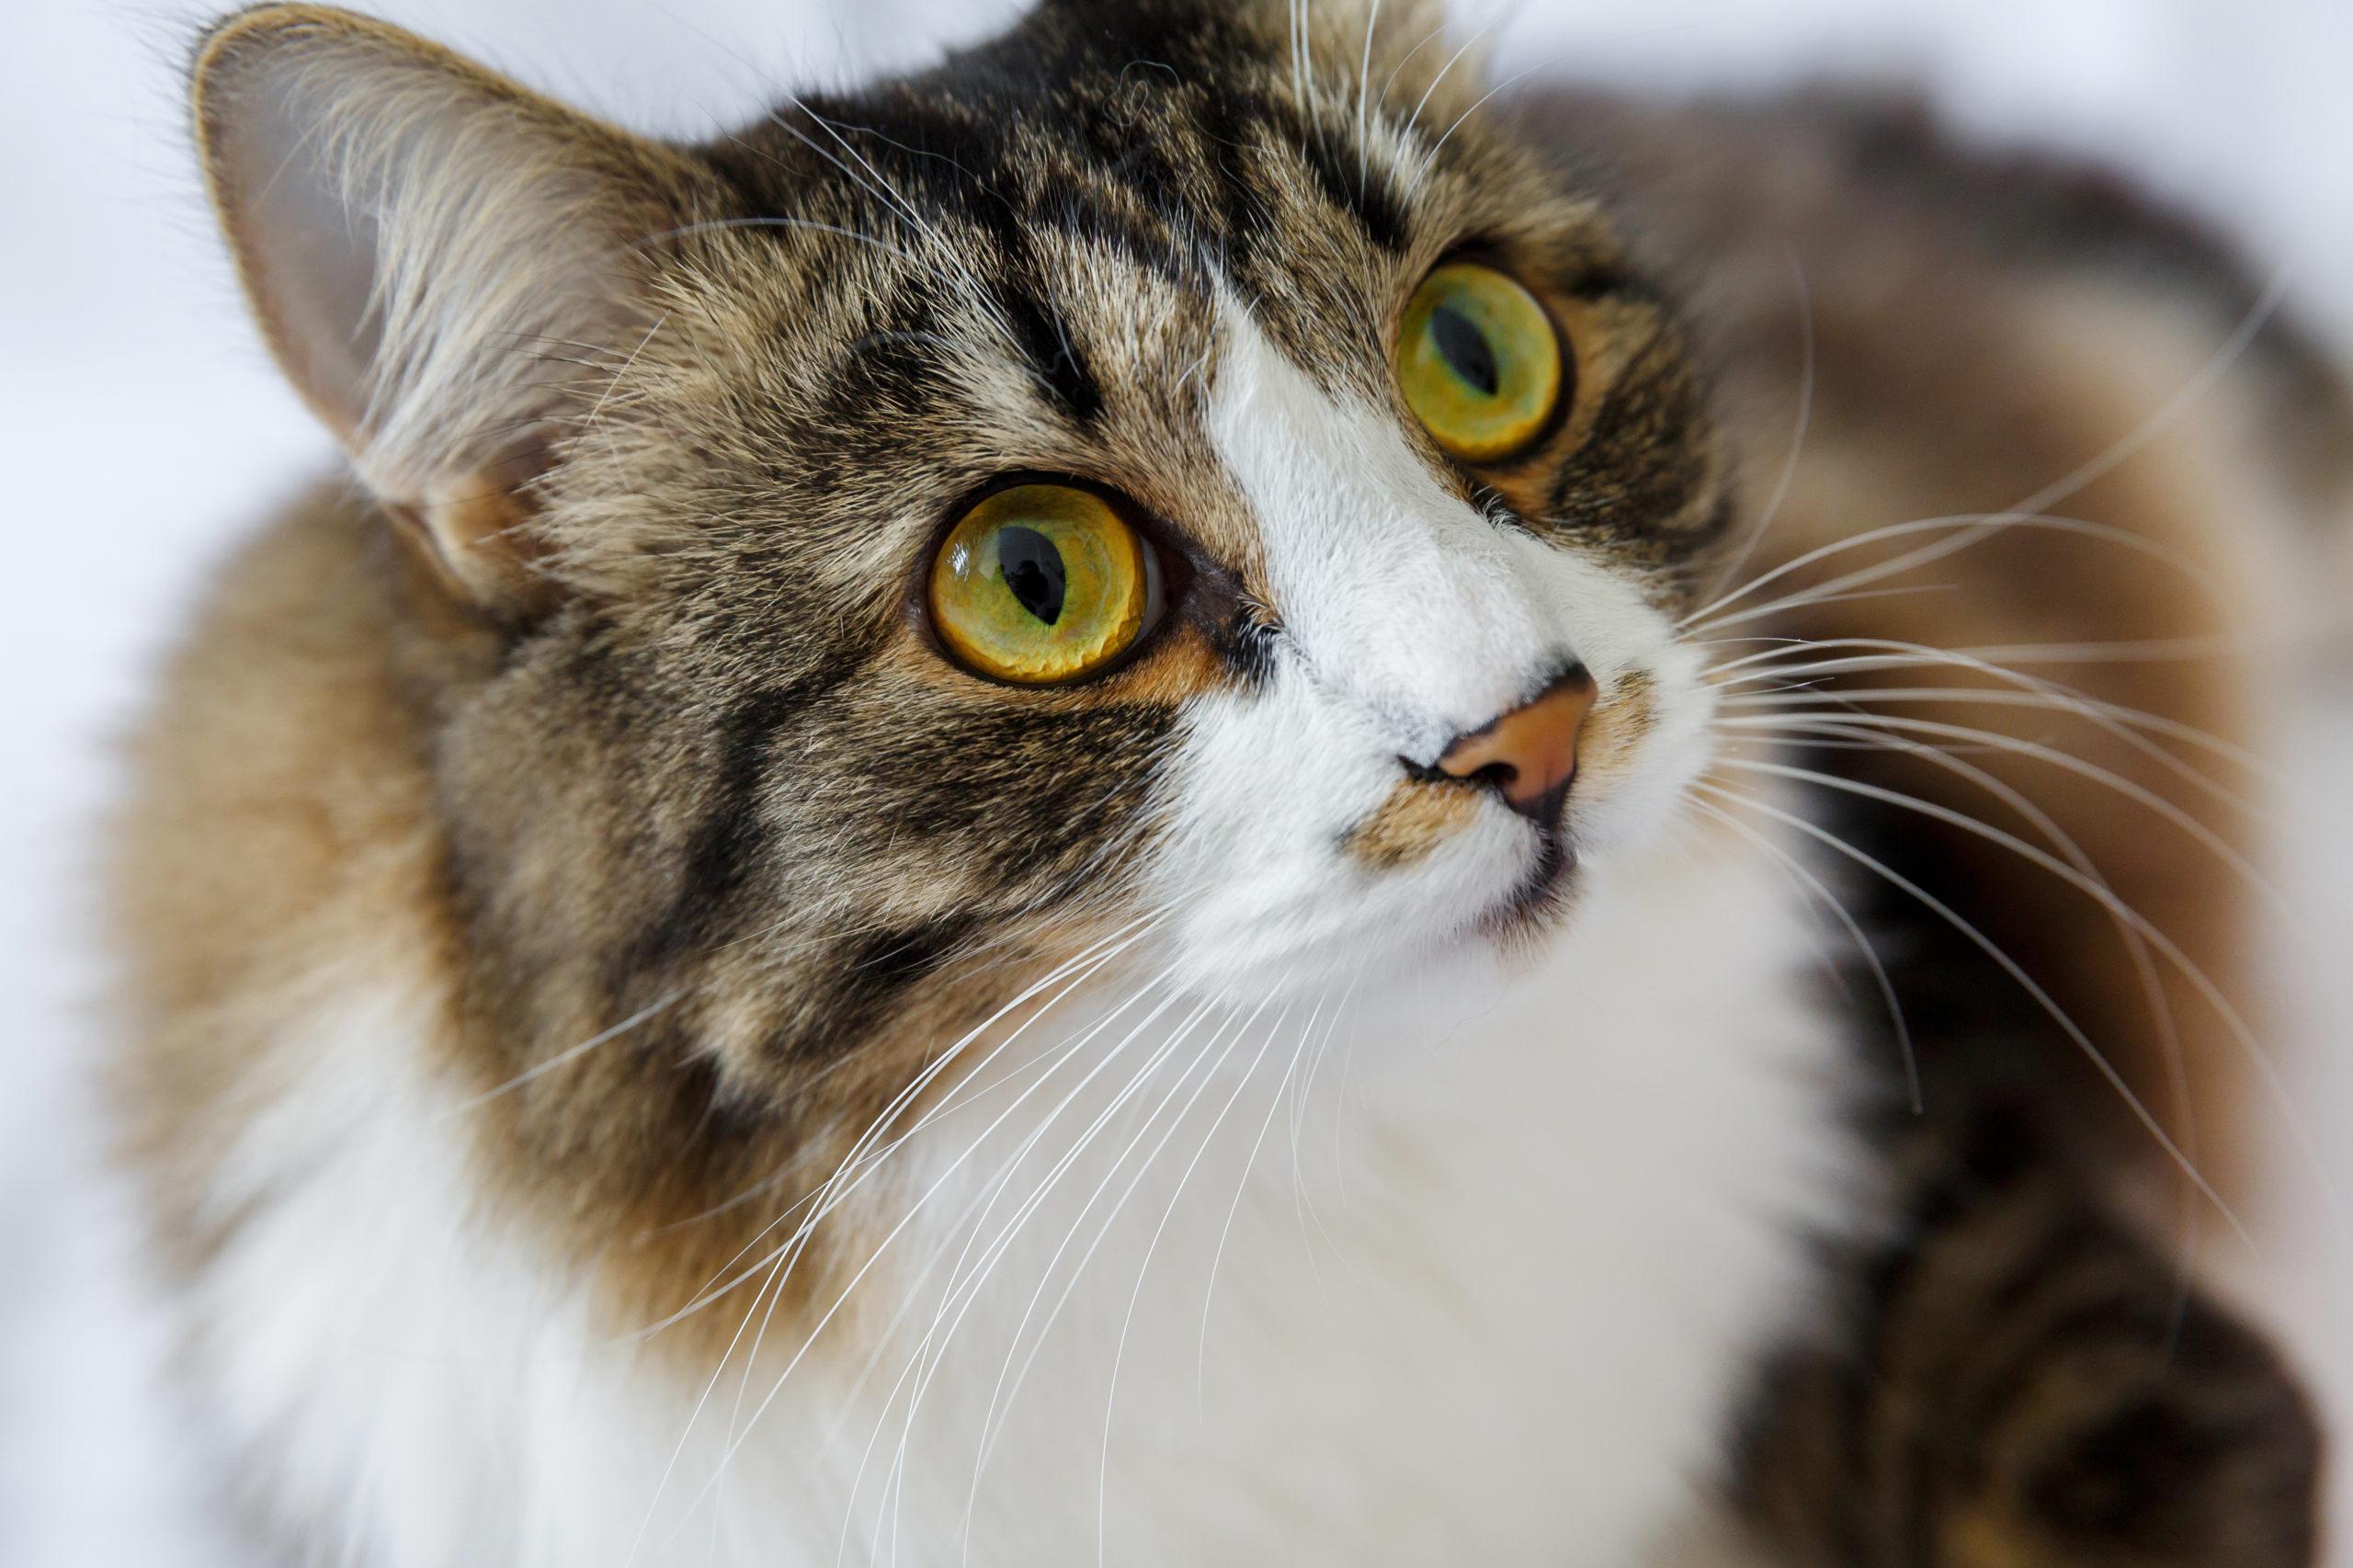 猫のひげの役割とは【猫のひげは高性能のセンサー】